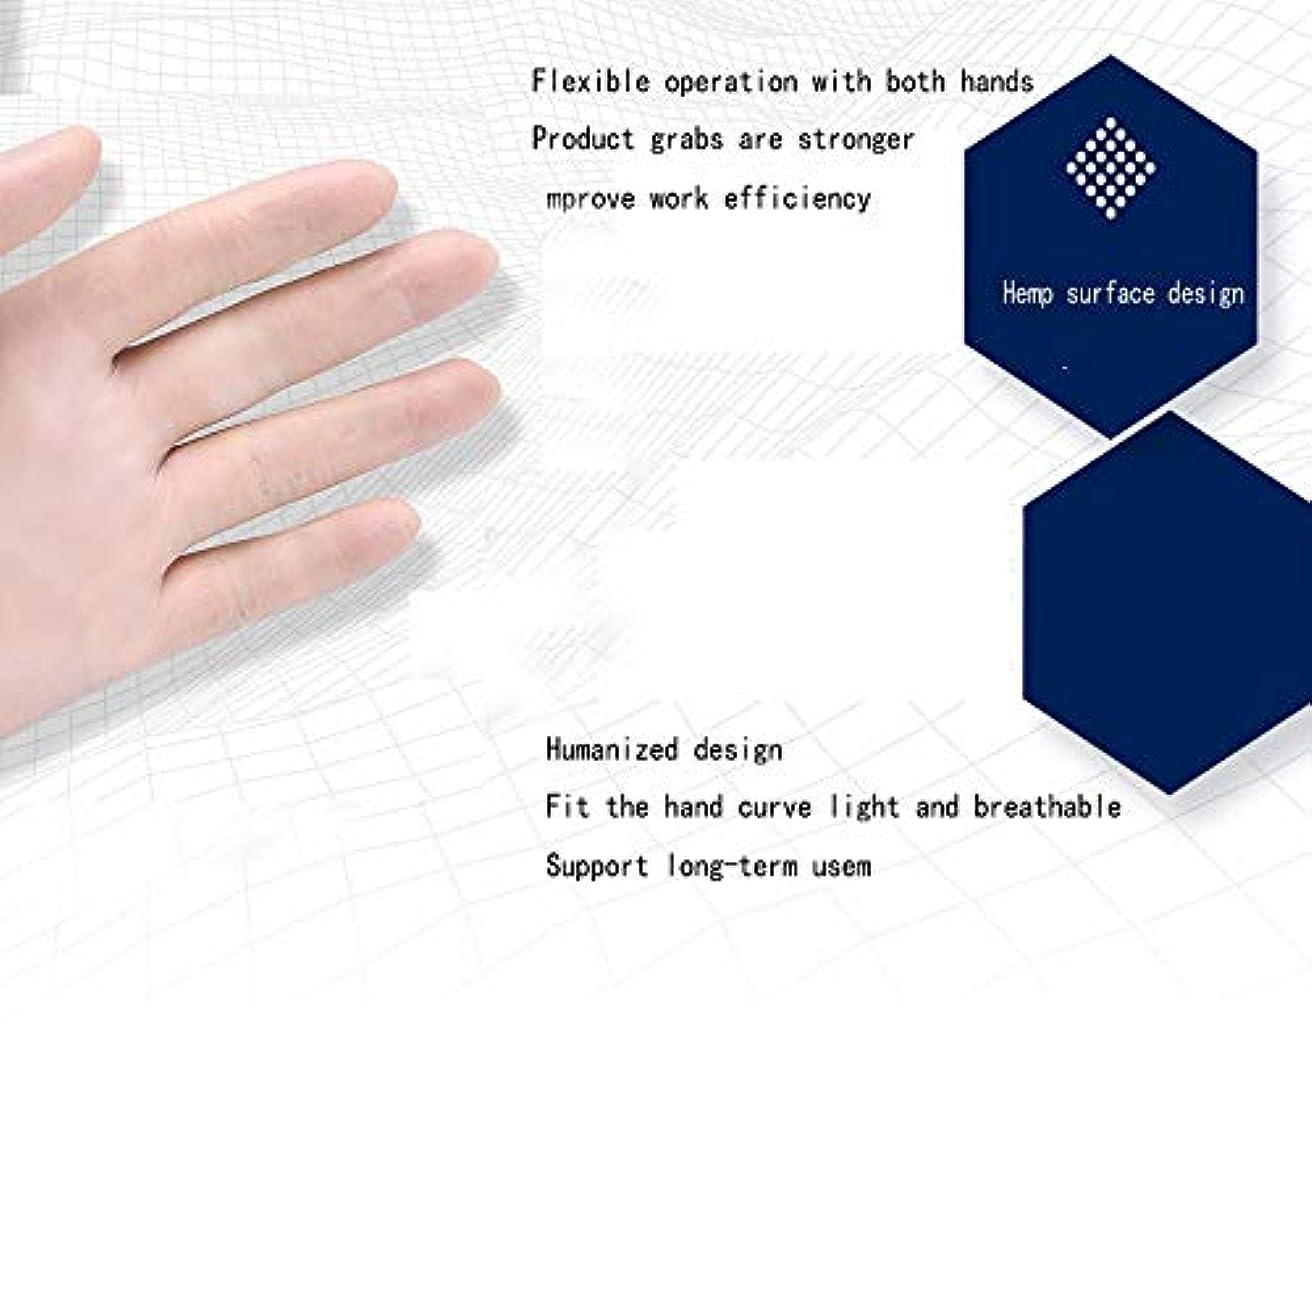 フォーラム差し引く懇願するSafeguard Nitri Disposable Gloves、パウダーフリー、食品用グローブ、ラテックスフリー、100 Pcサニタリーグローブ (サイズ さいず : S s)